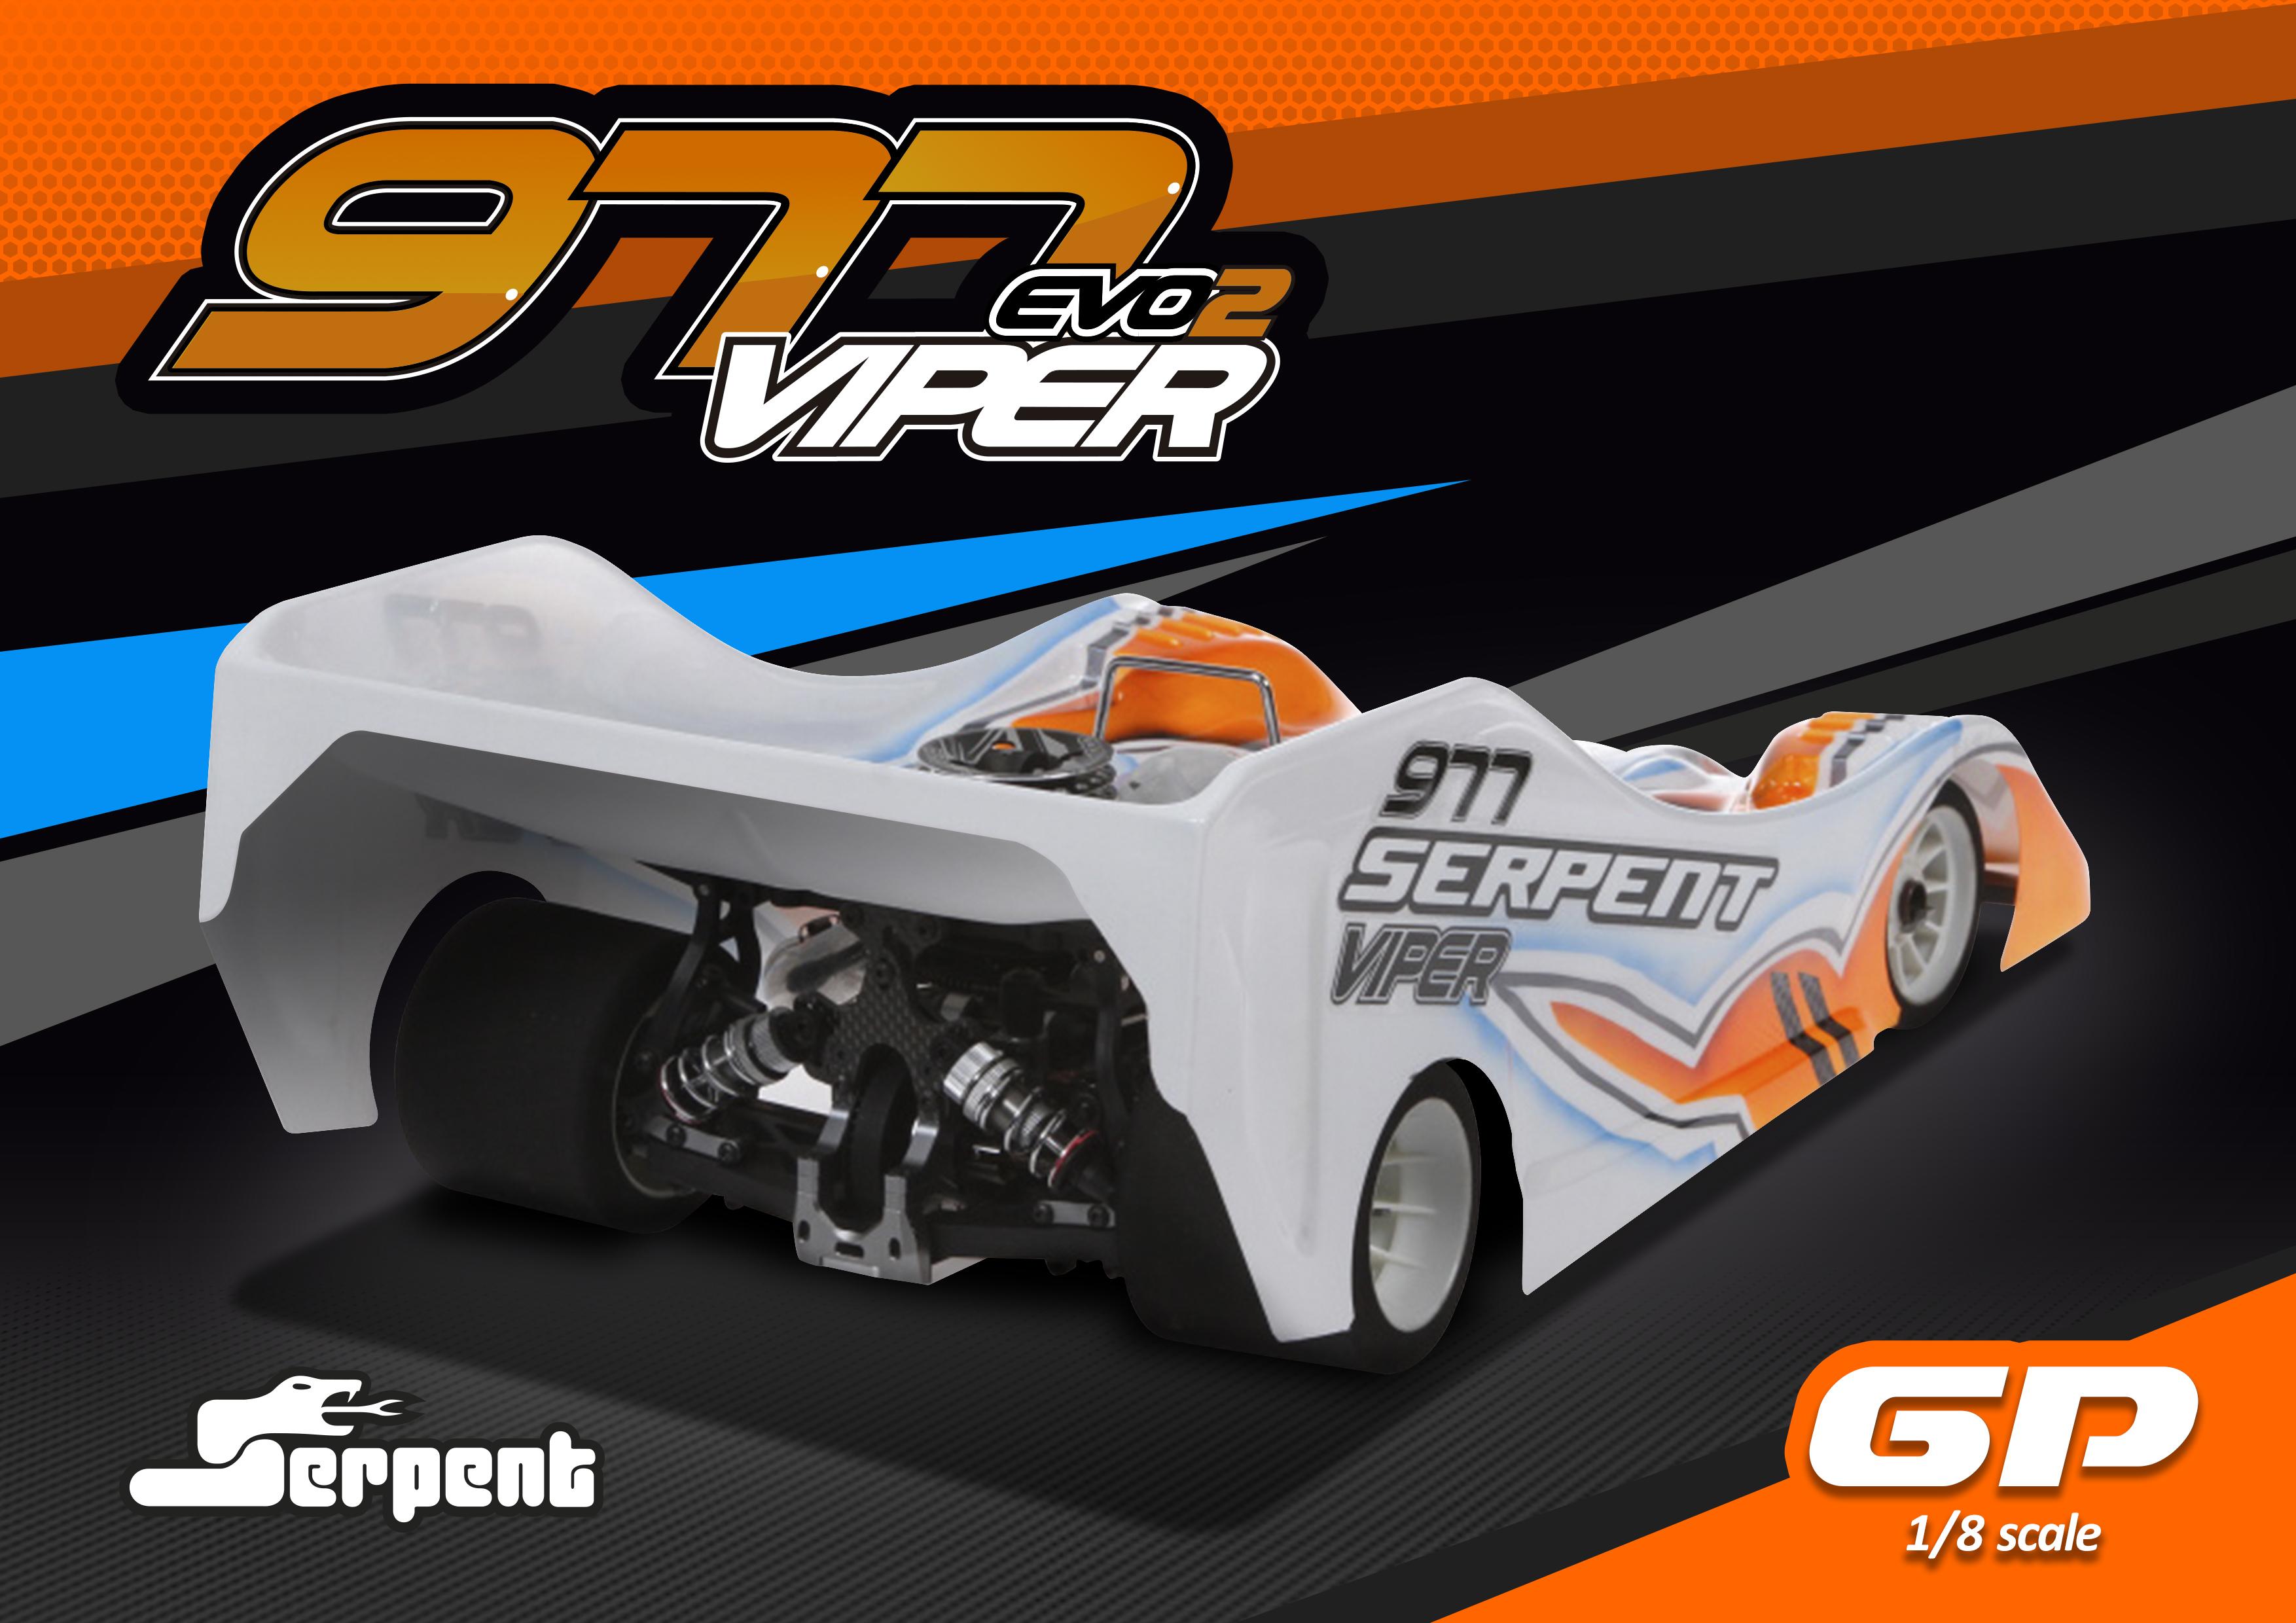 SERPENT 977 ...